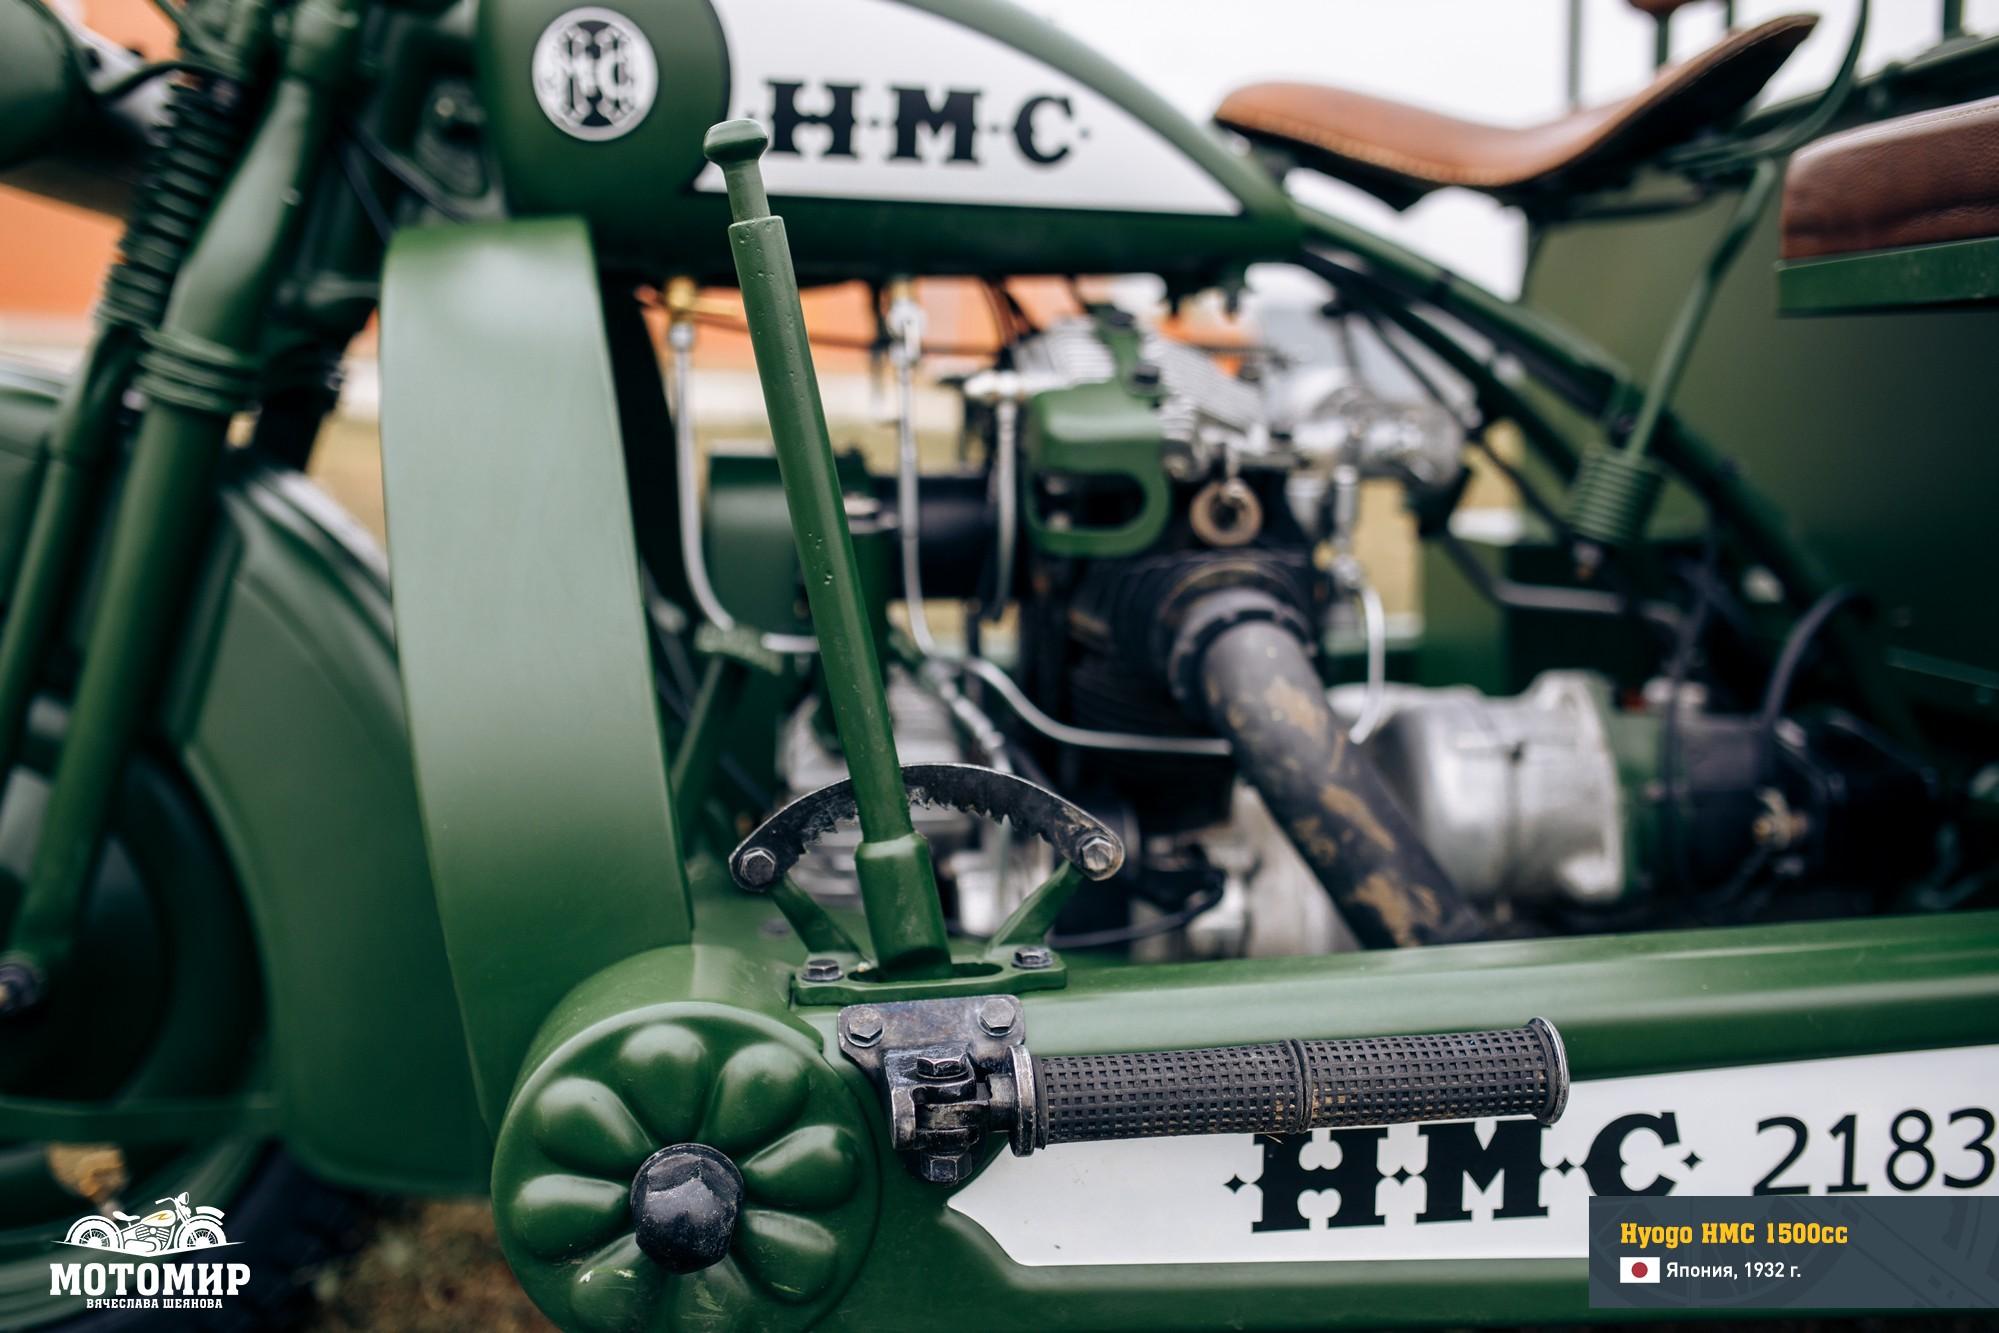 hyogo-hmc-1500-cc-web-33